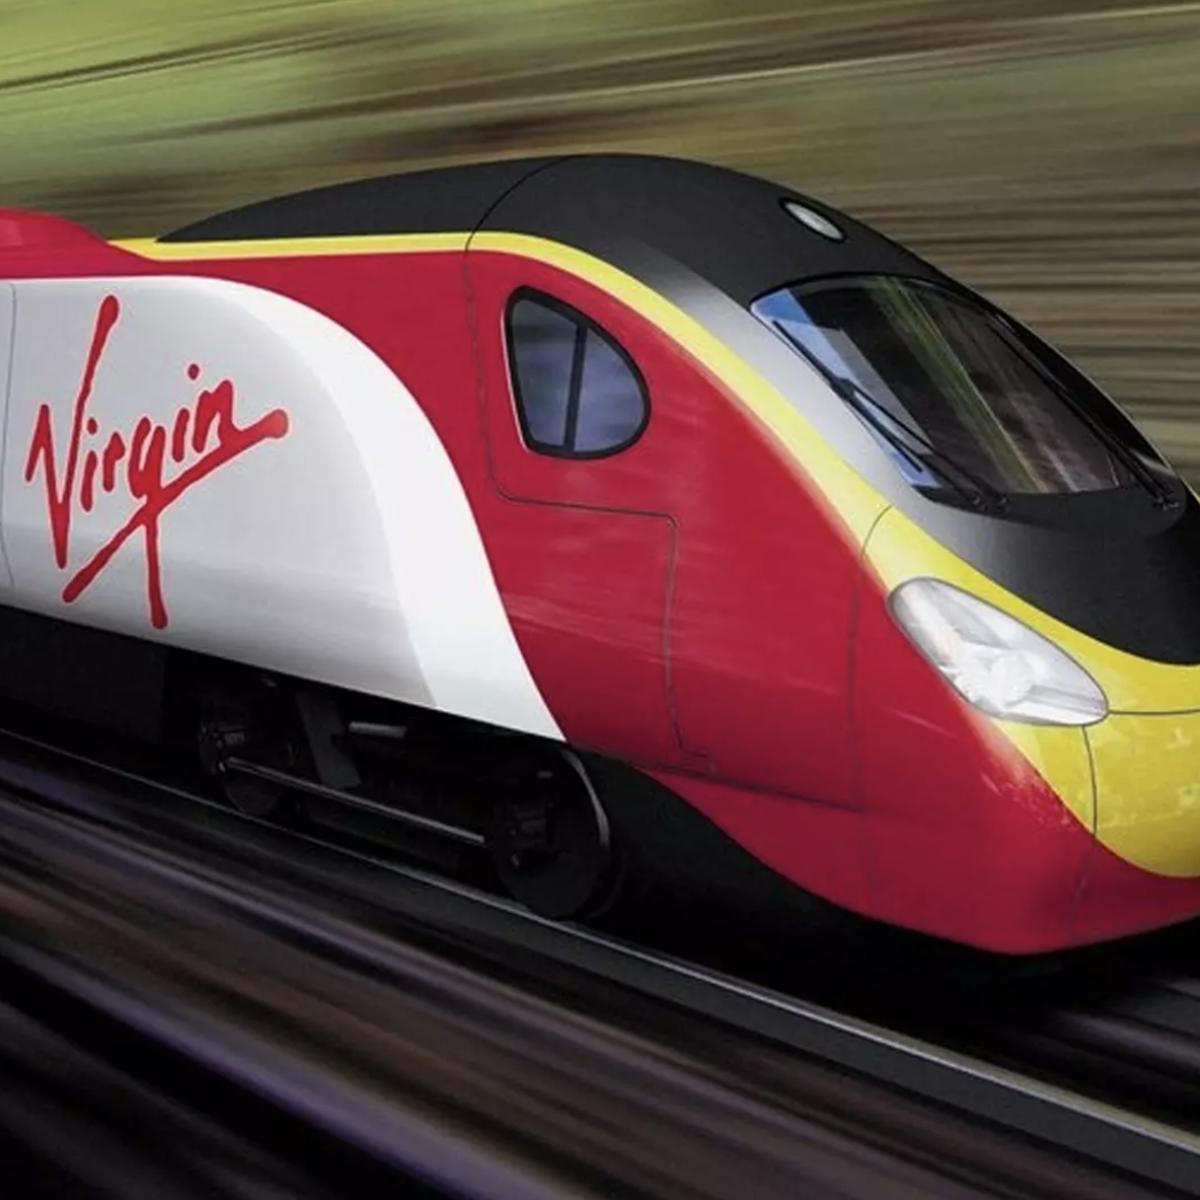 Virgin USA Train